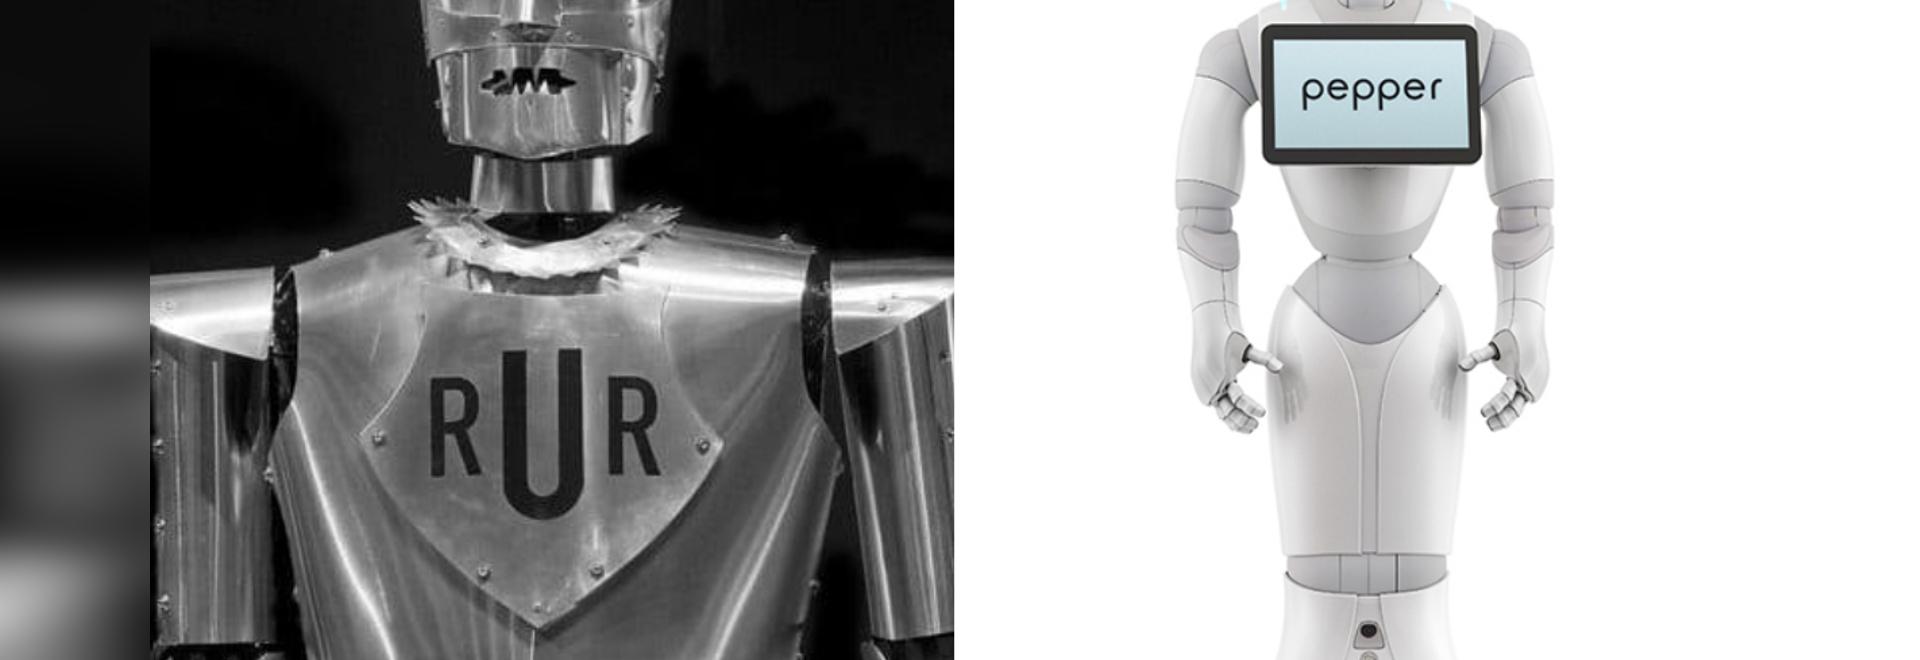 """L'année 2020 marque le 100e anniversaire de la pièce de science-fiction révolutionnaire """"R.U.R."""" de l'écrivain tchèque Karel Čapek"""